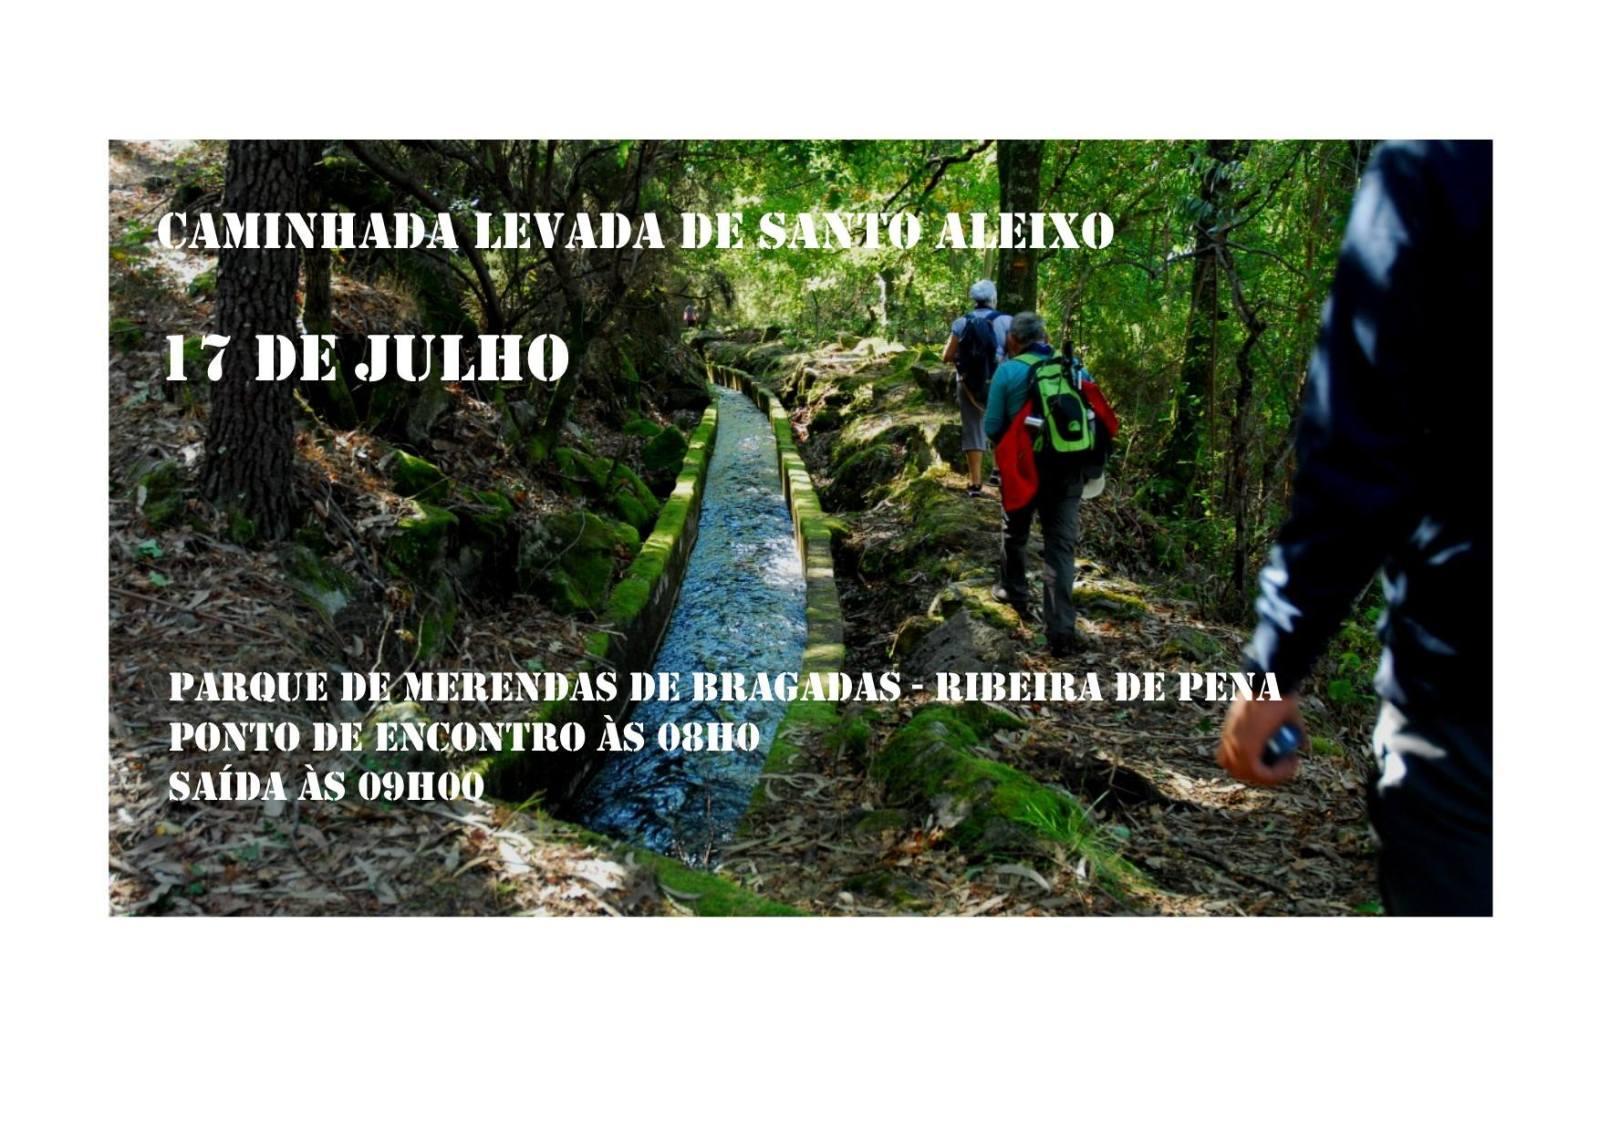 O Fórum das Caminhadas - Portal 28qyq78